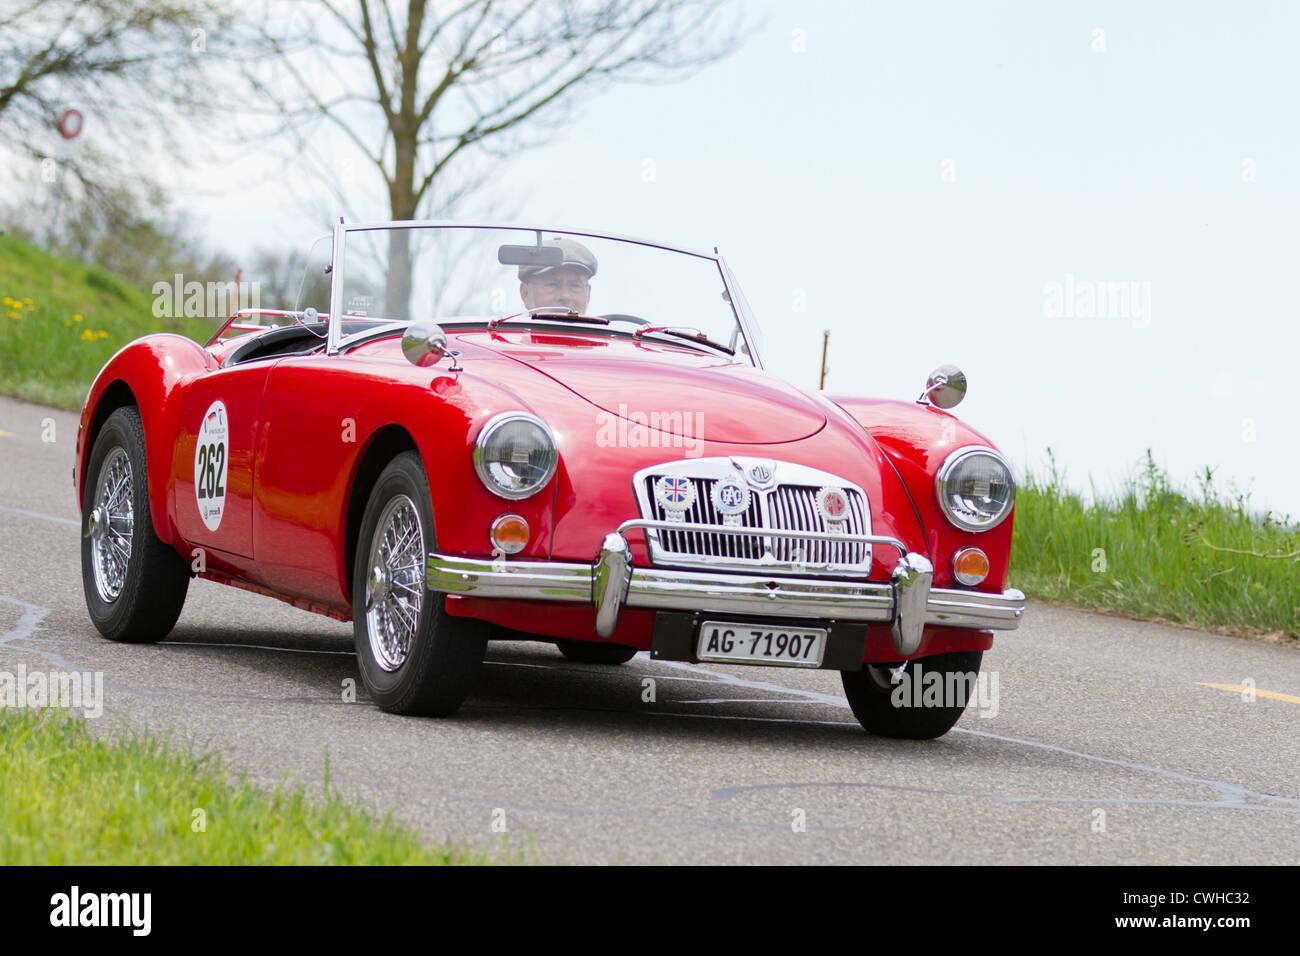 Oldtimer MG MGA 1600 von 1959 beim Grand Prix in Mutschellen, SUI am 29. April 2012. Stockbild